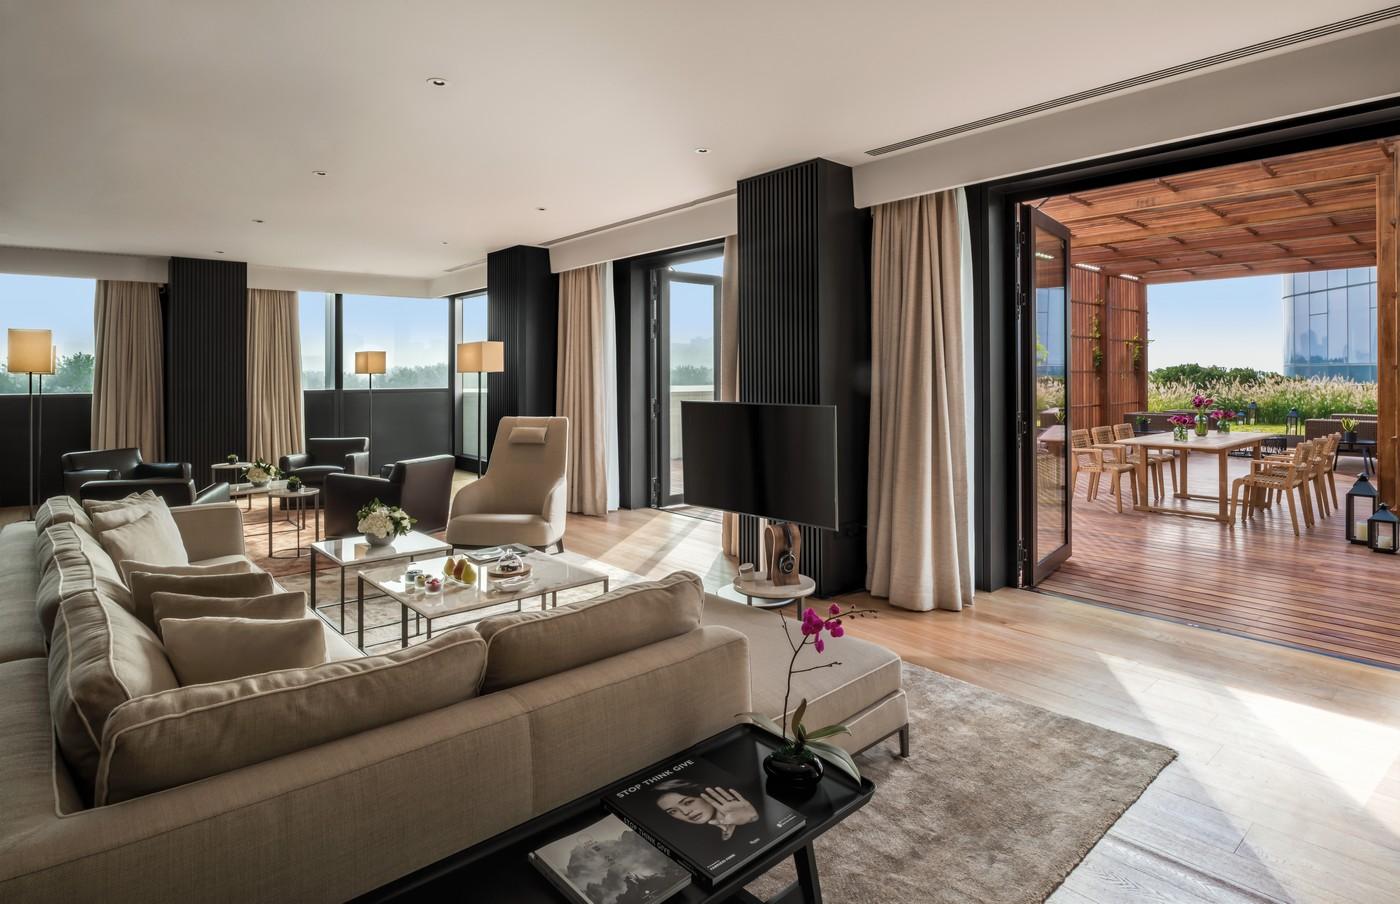 Terrace-Suite-1.jpg (1400×904)